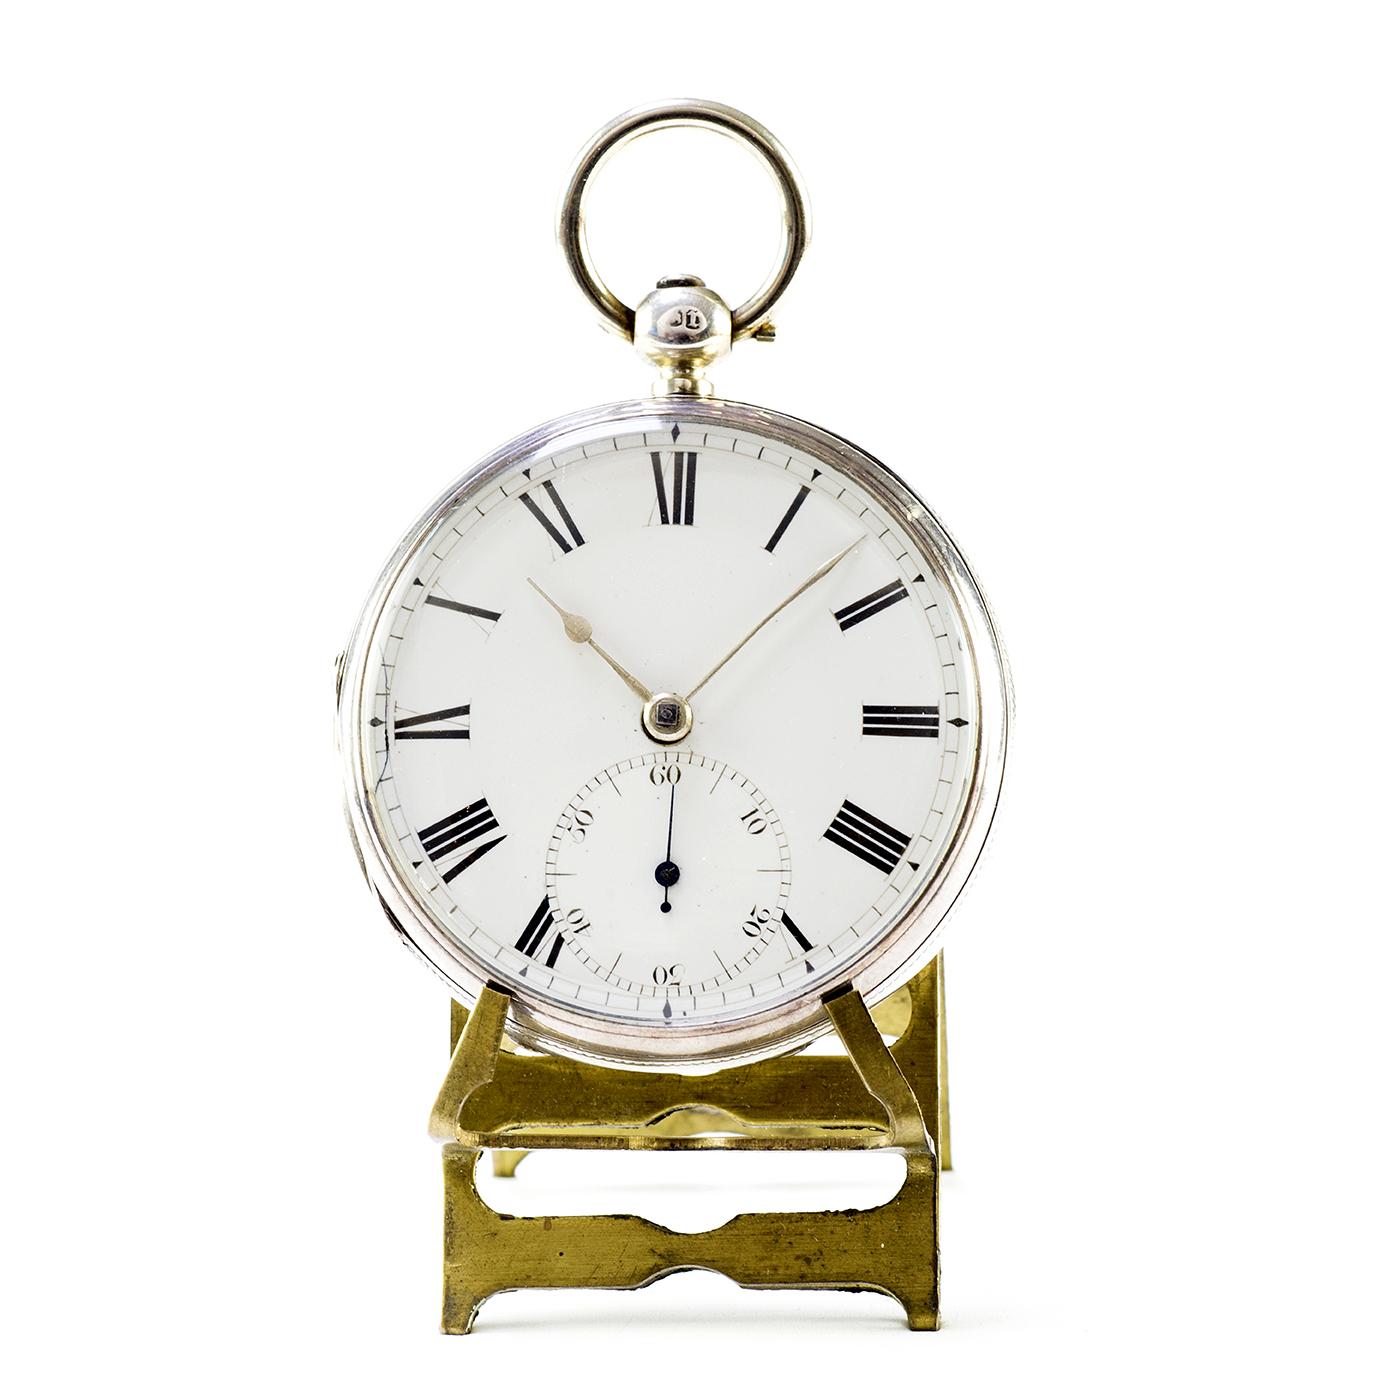 CHAPMAN. Reloj Inglés de Bolsillo, lepine, Half Fusee (SemiCatalino). Inglaterra, 1872.